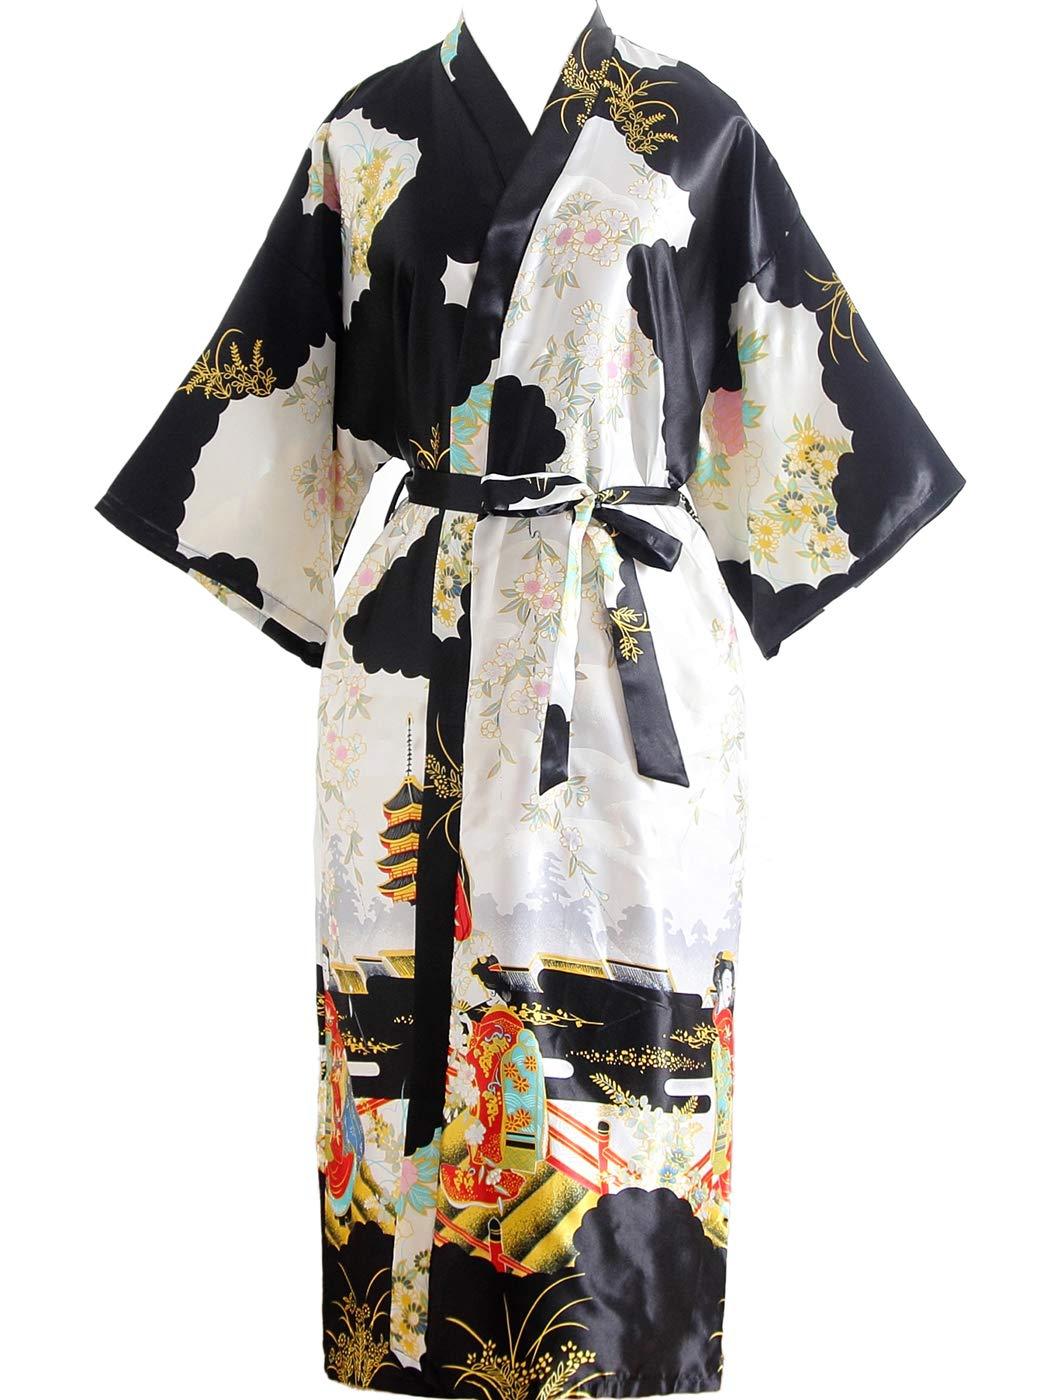 FAIRY COUPLE Kimono Robe Long Floral Bridesmaid Wedding Satin Robes Silky Party Robe